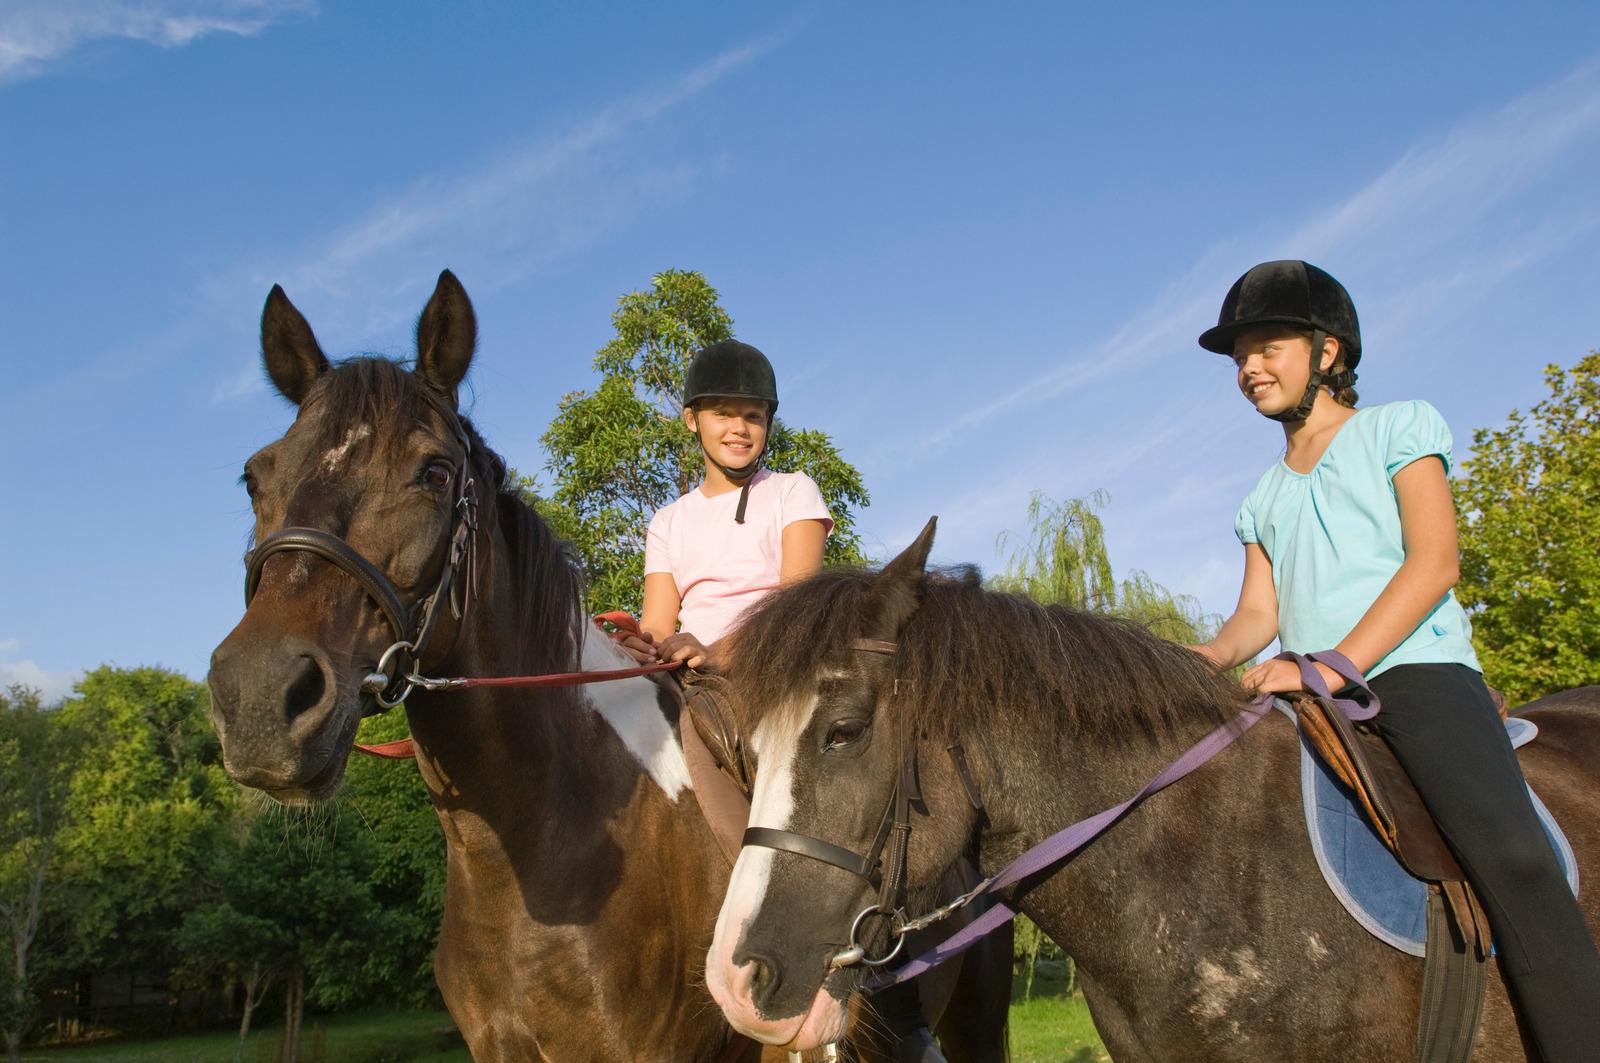 Obóz konny - co trzeba brać pod lupę?